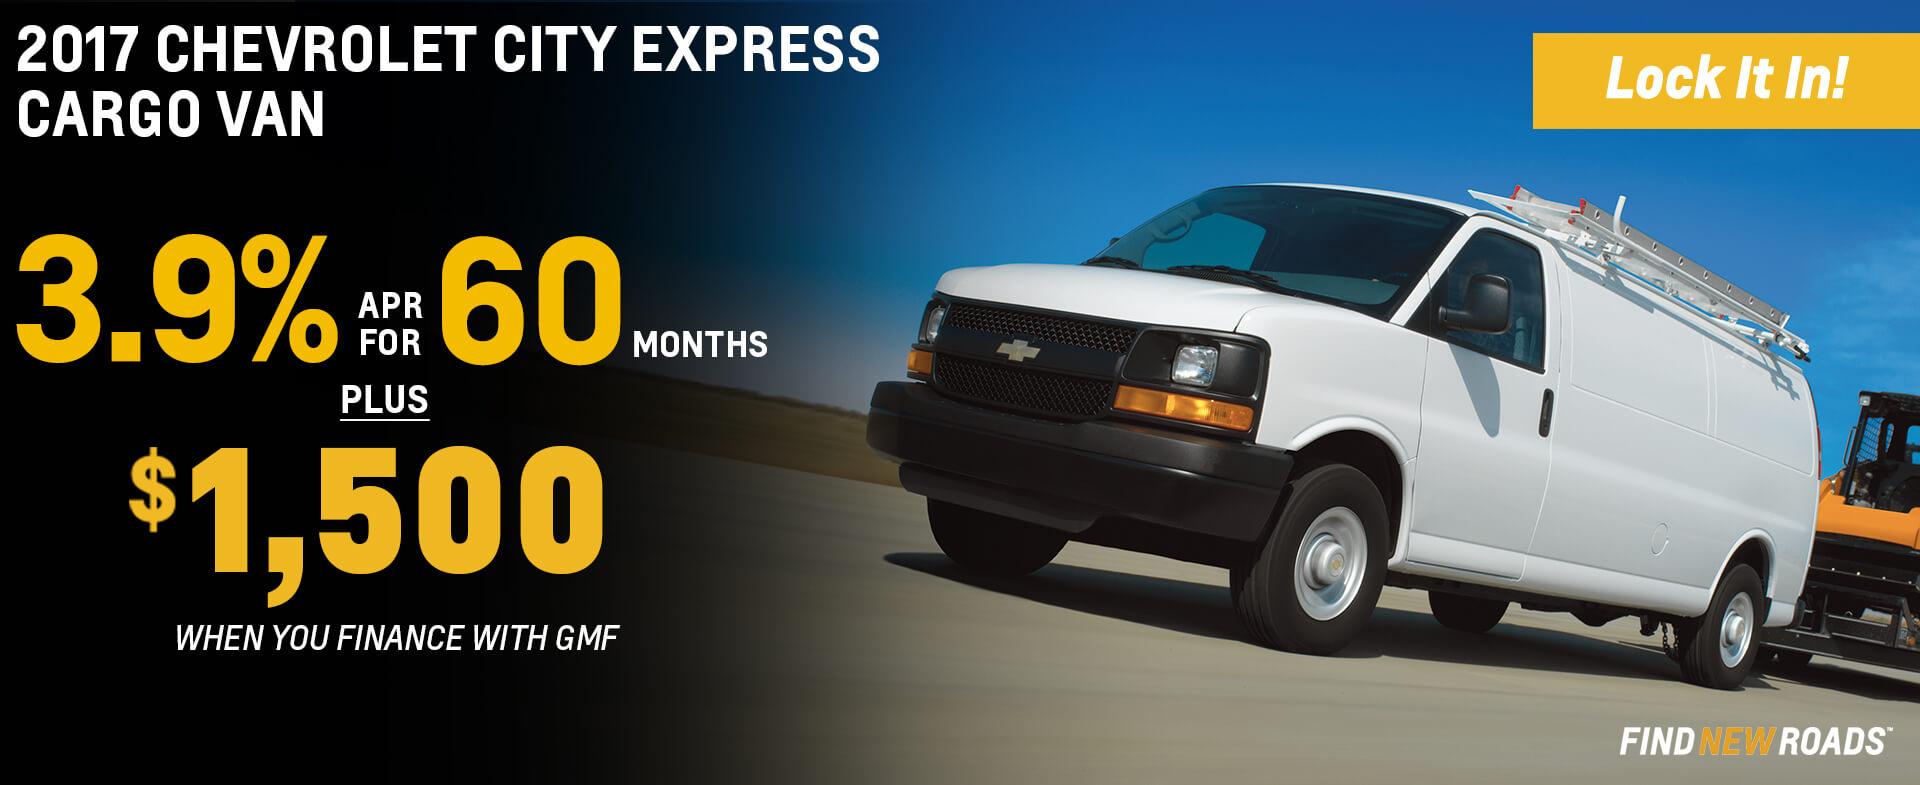 City Express SRP